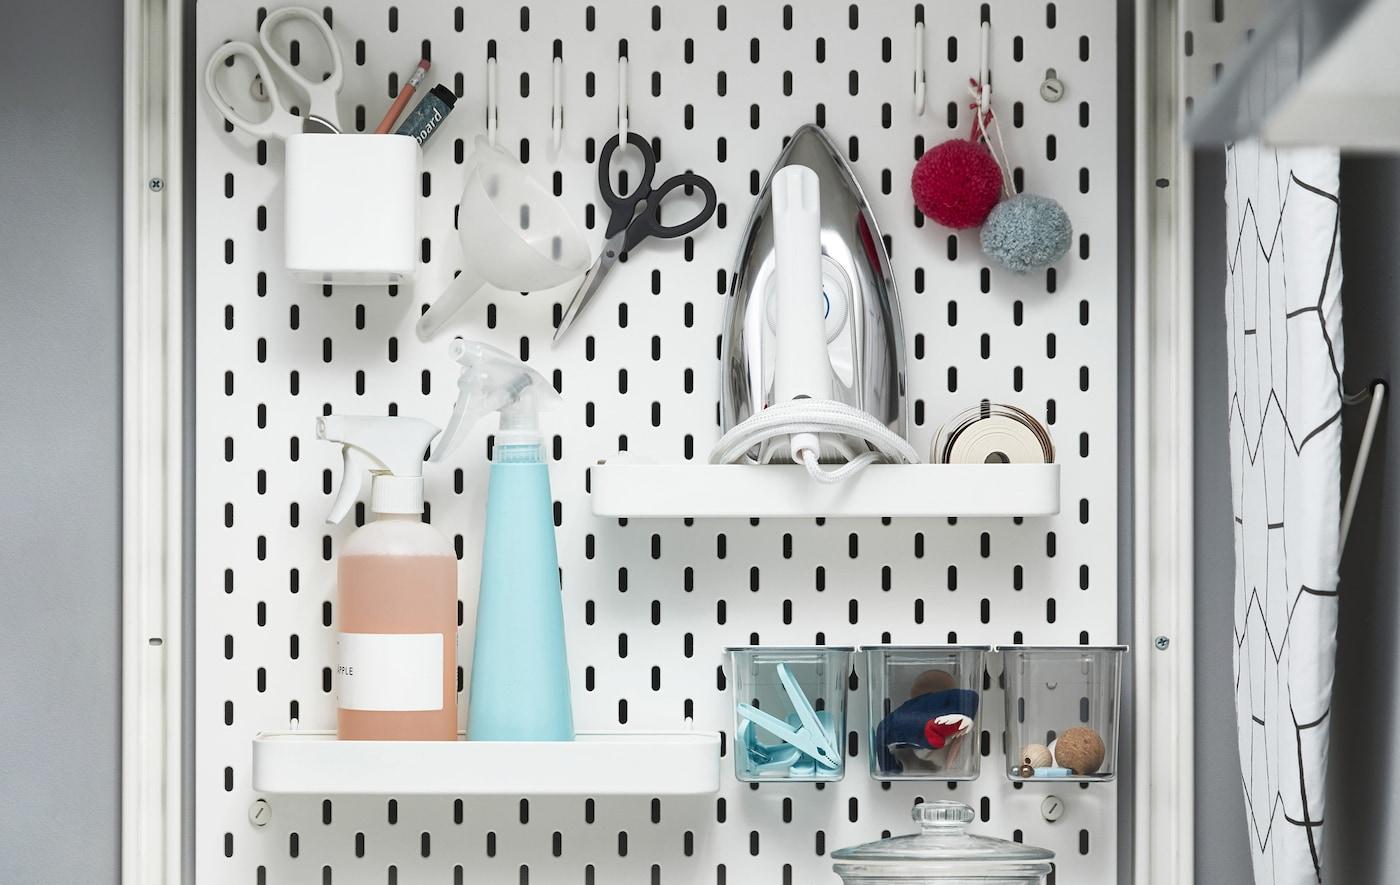 Artigos relacionados com tratamento de roupa arrumados em cima de prateleiras, dentro de vasos e pendurados em ganchos num placar branco.